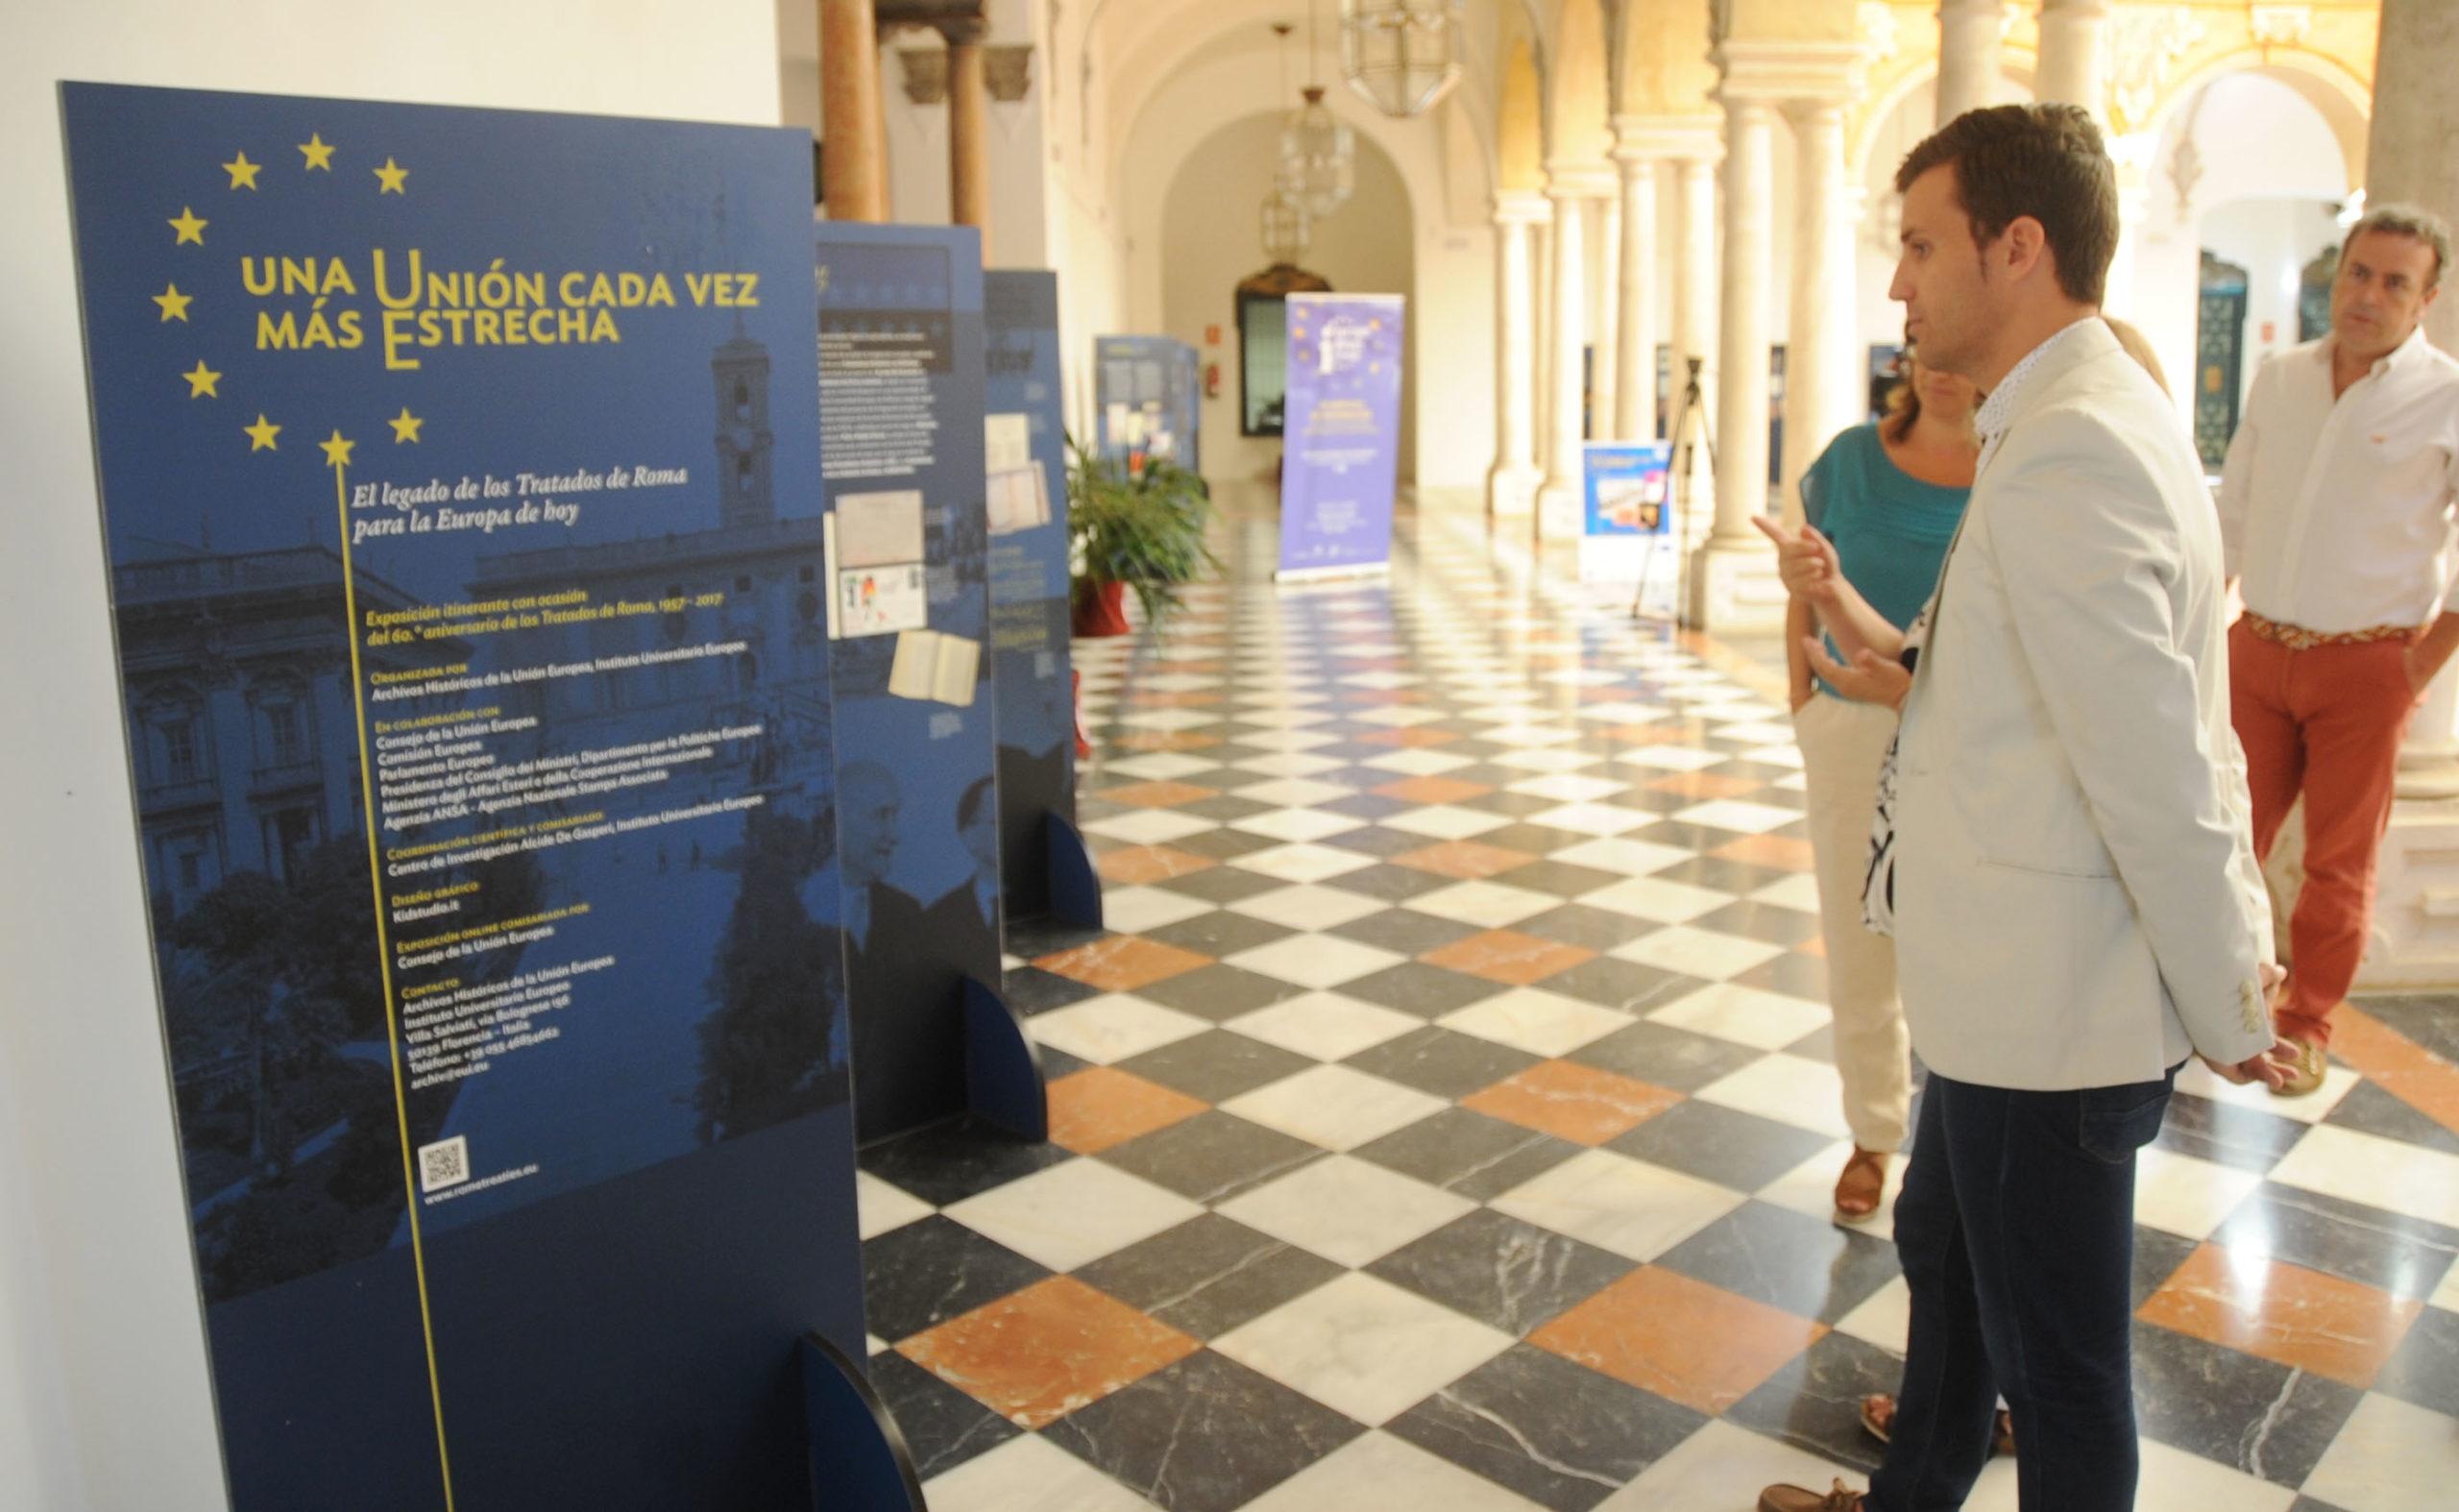 La exposición sobre el 60 Aniversario de los Tratados de Roma.